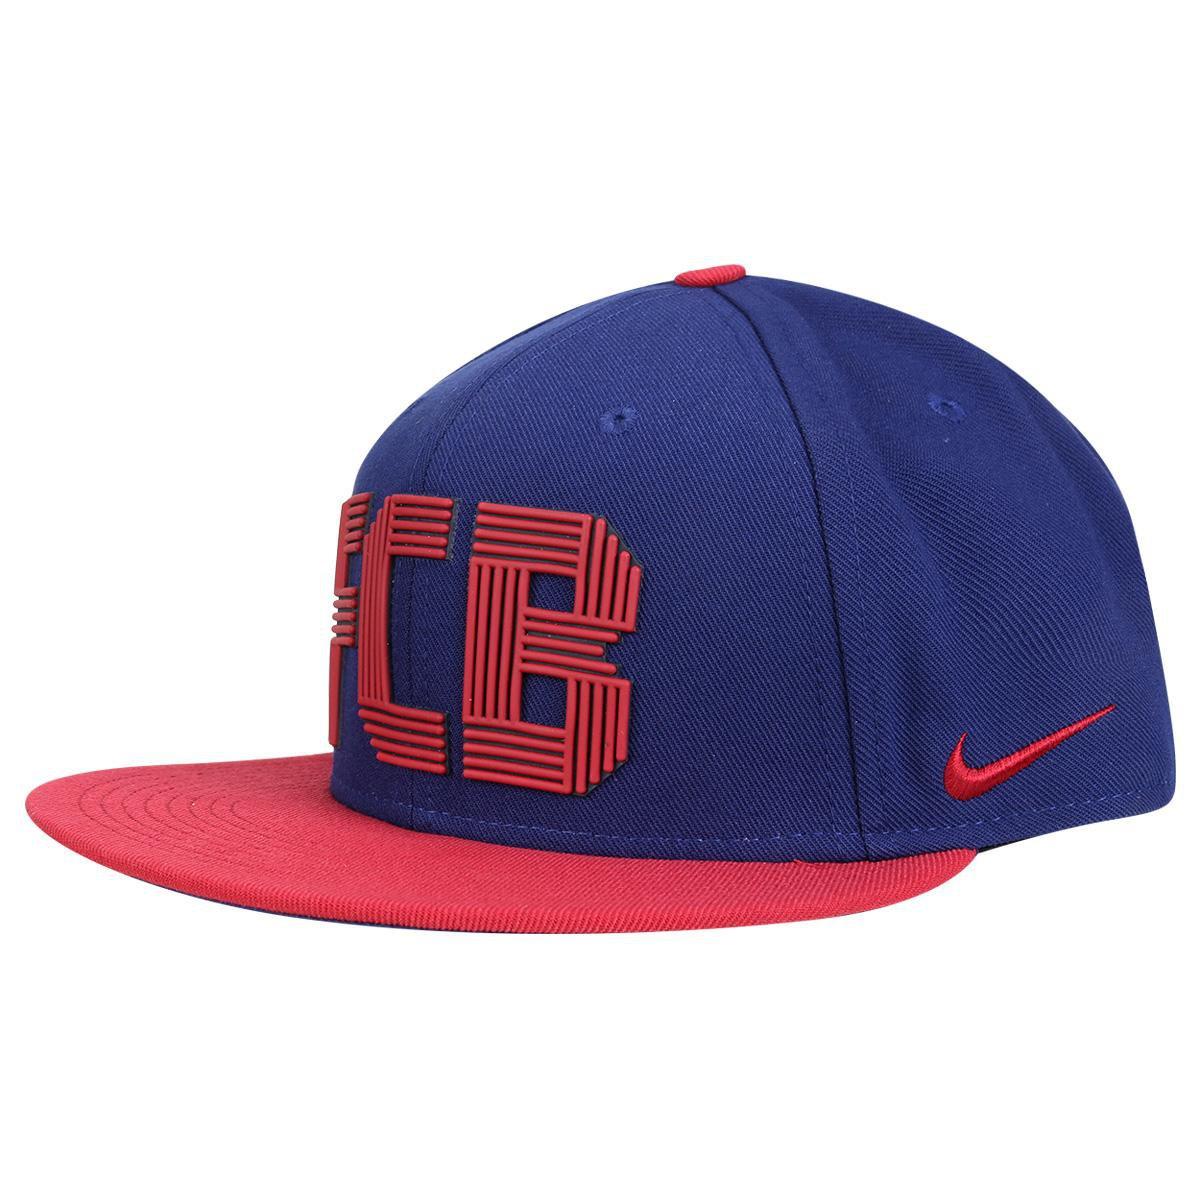 Boné Barcelona Nike Aba Reta - Compre Agora  ae7107aa9b0